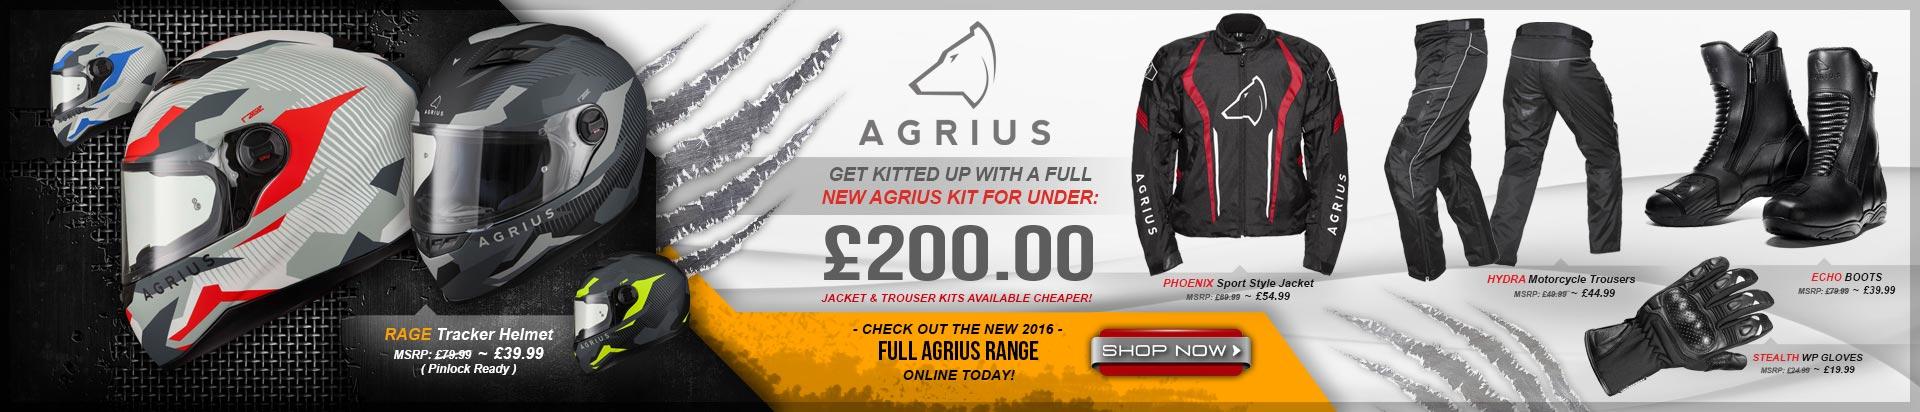 Agrius Kits